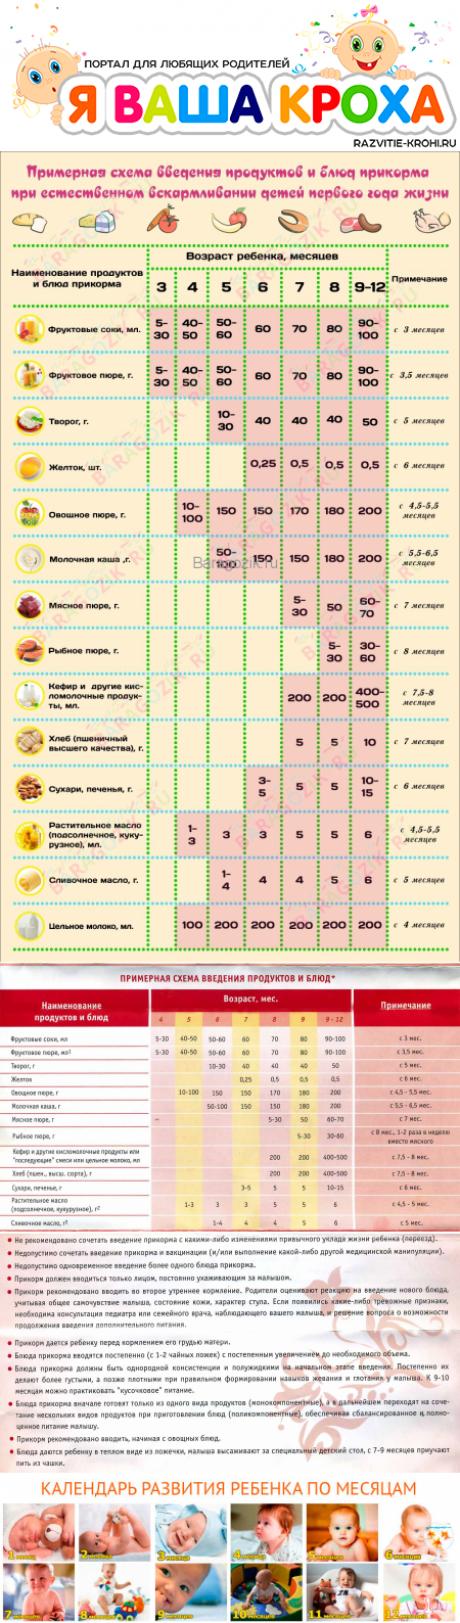 Педагогический прикорм при грудном вскармливании - правила, полезная информация!